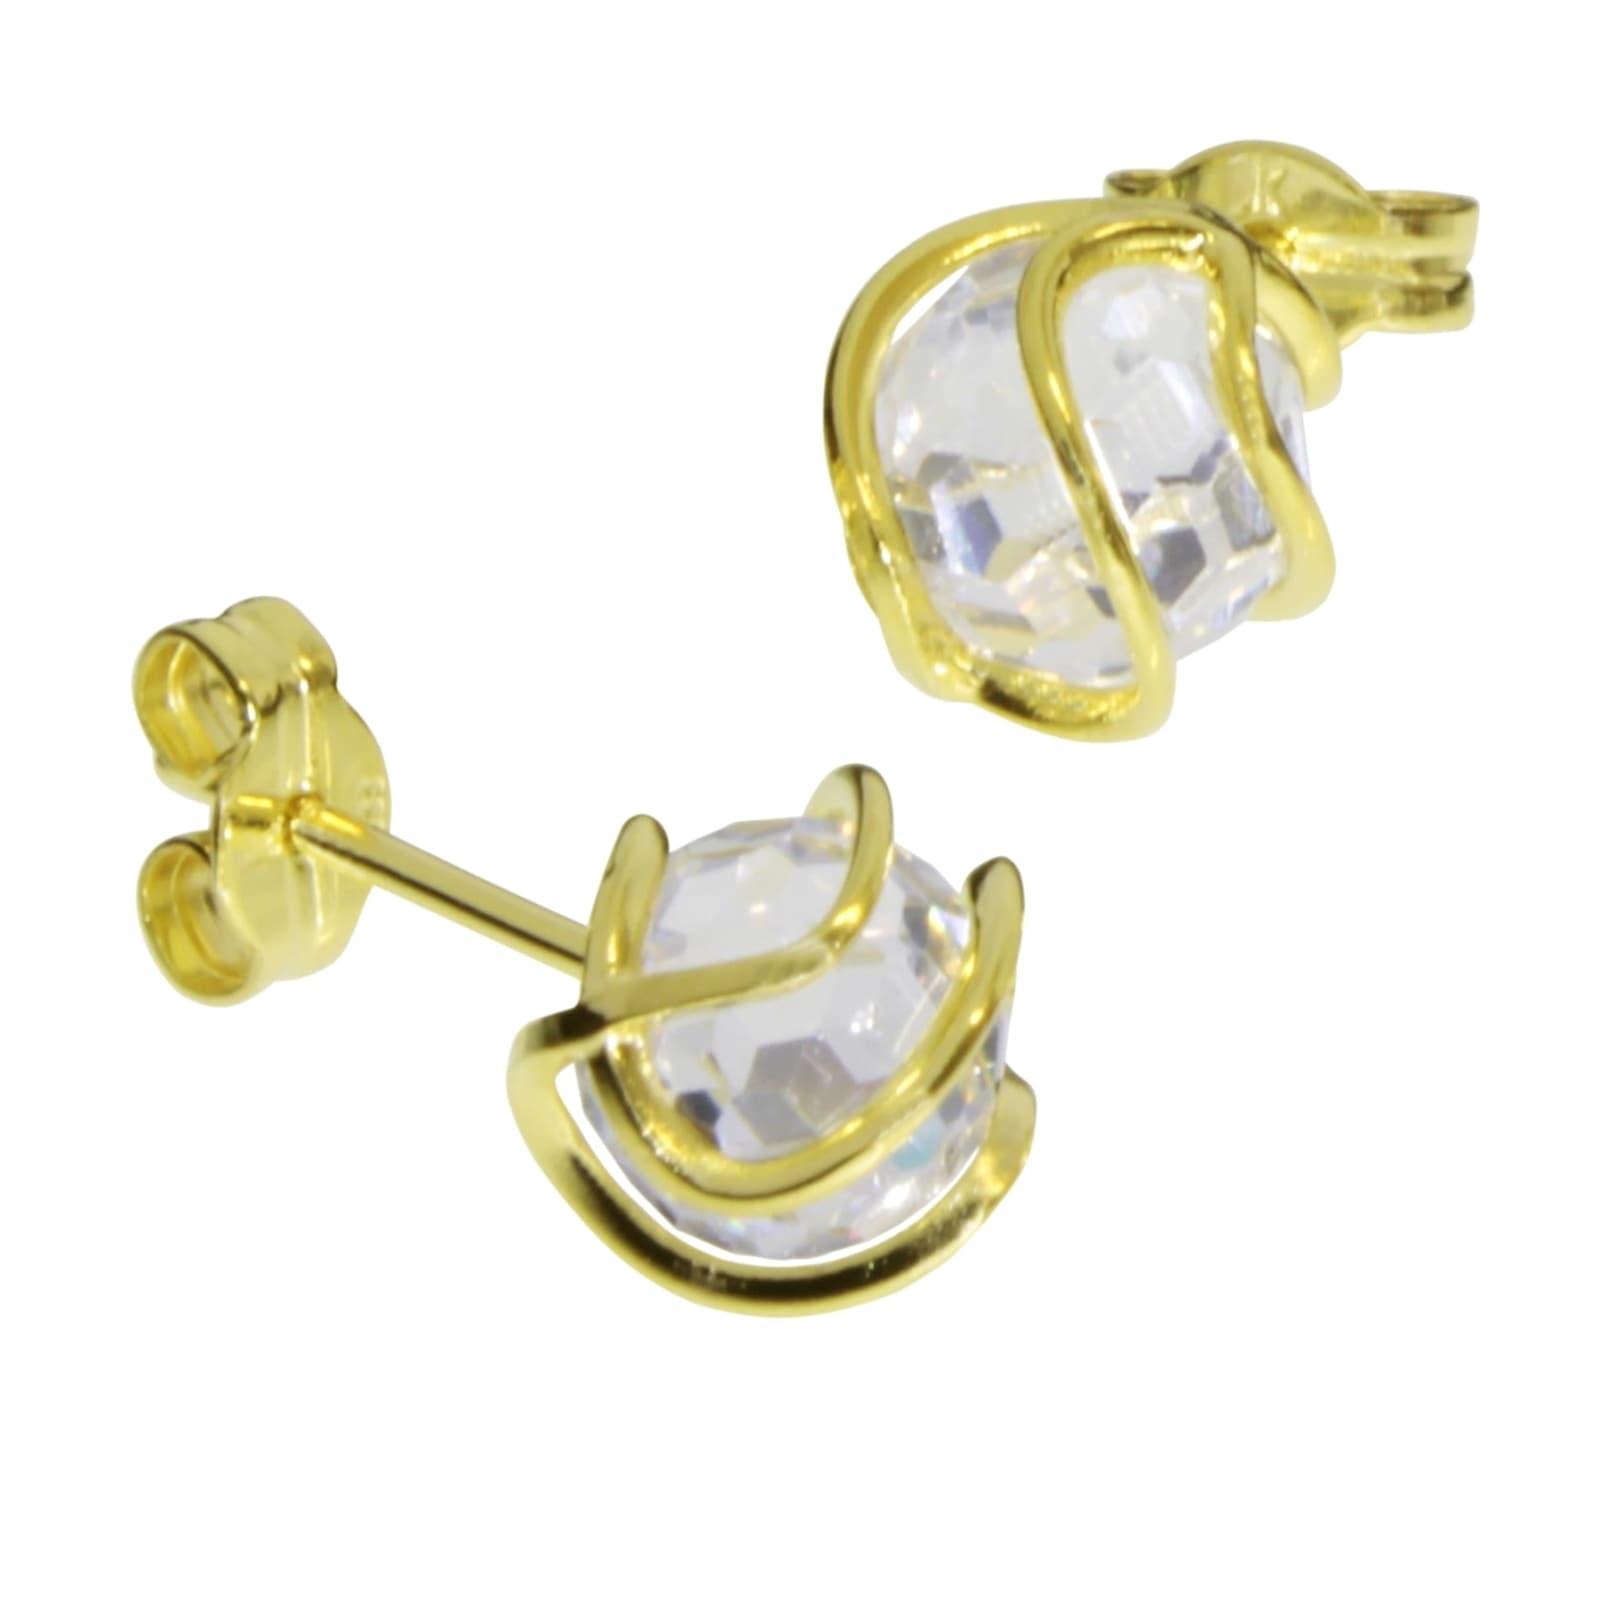 OSTSEE-SCHMUCK Paar Ohrstecker Goldkäfig Gold 333/000 Zirkonia | Schmuck > Ohrschmuck & Ohrringe | Ostsee-Schmuck